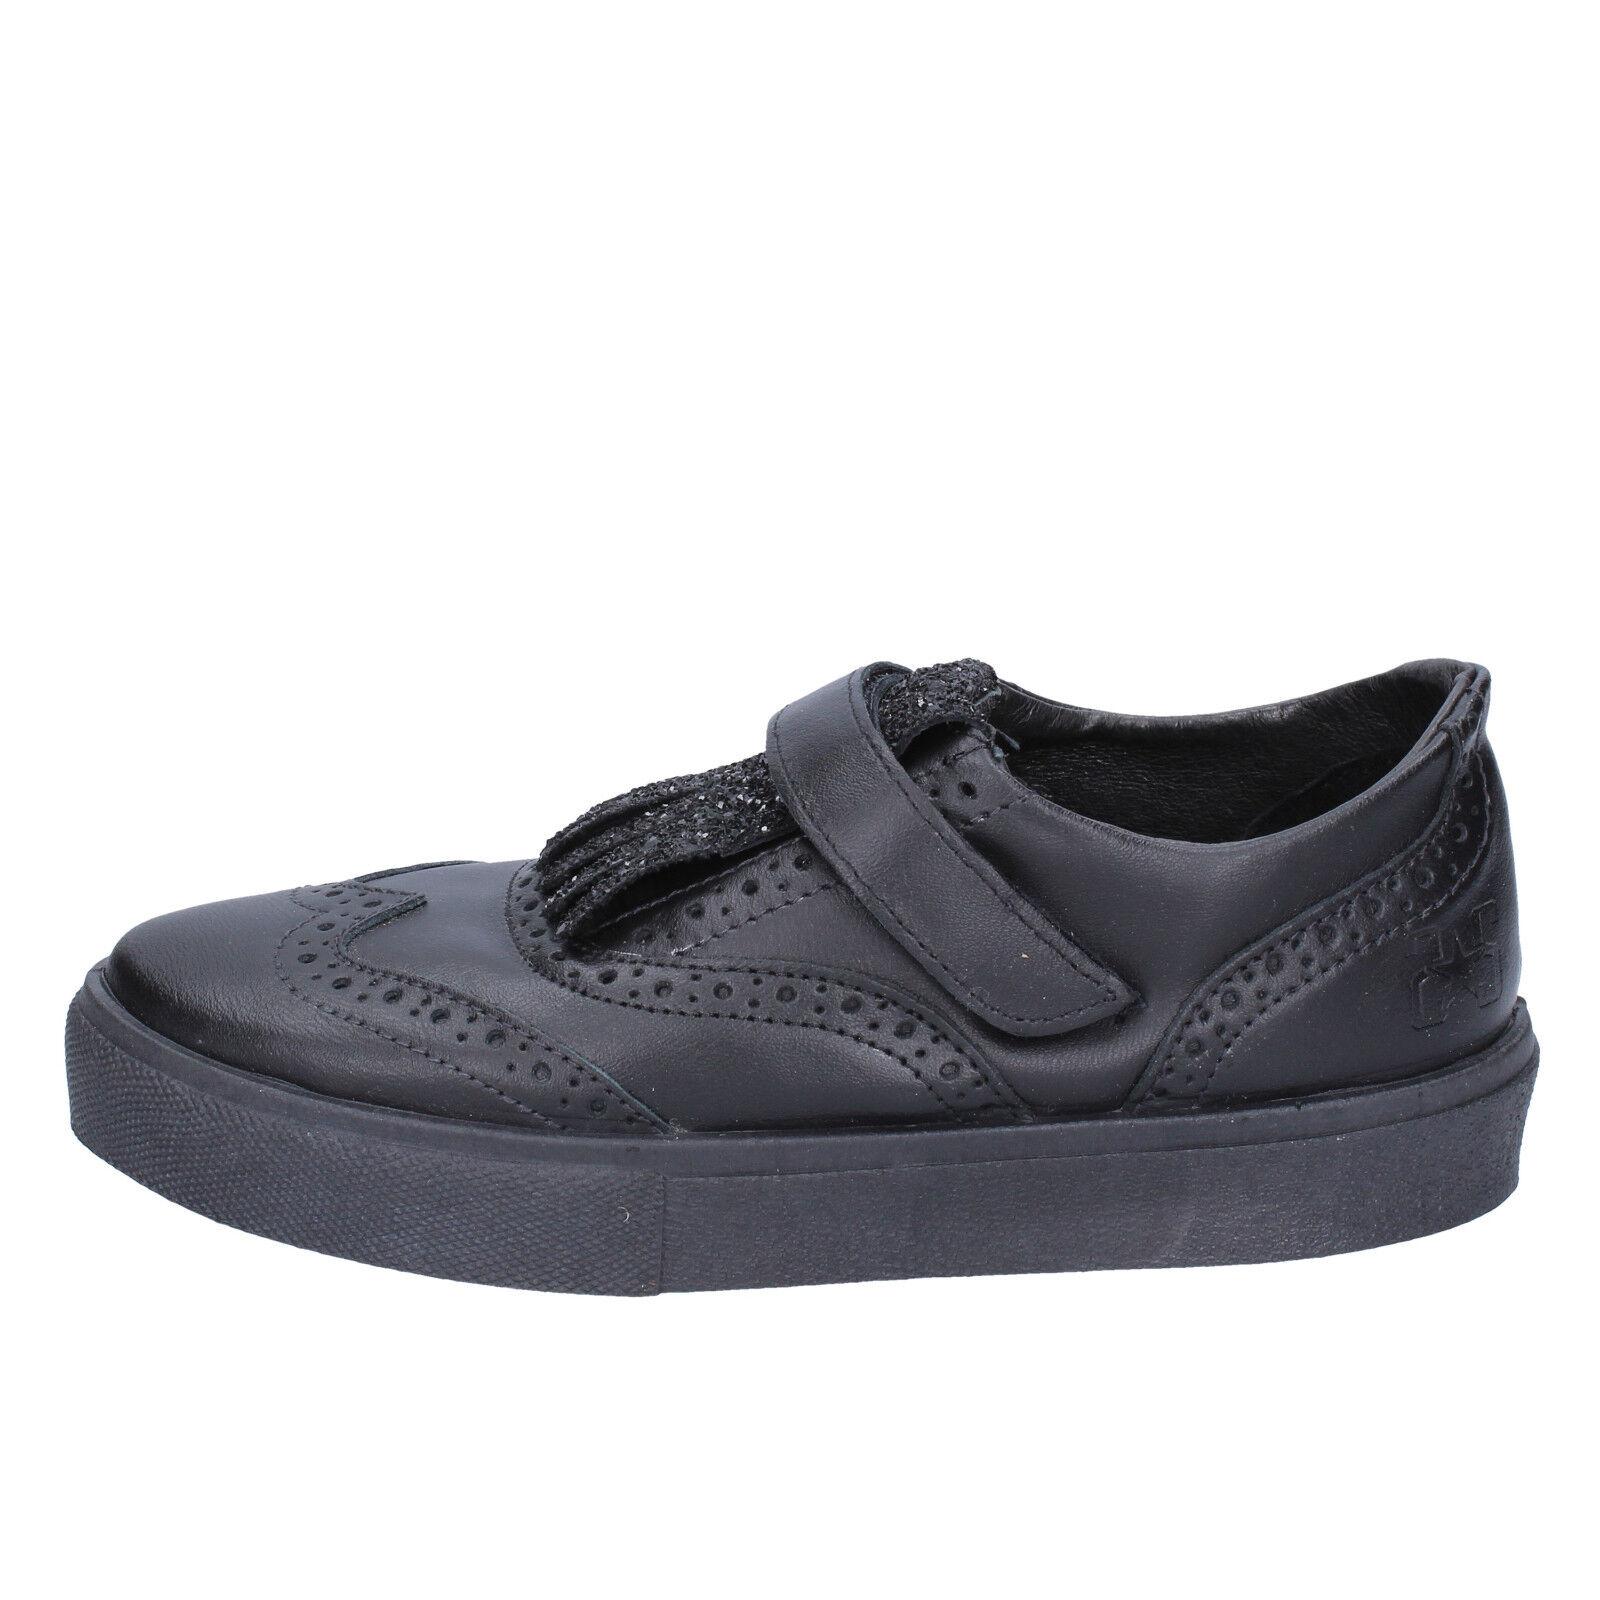 Damenss schuhe 2 STAR 6 (EU 39) sneakers schwarz Leder BX380-39